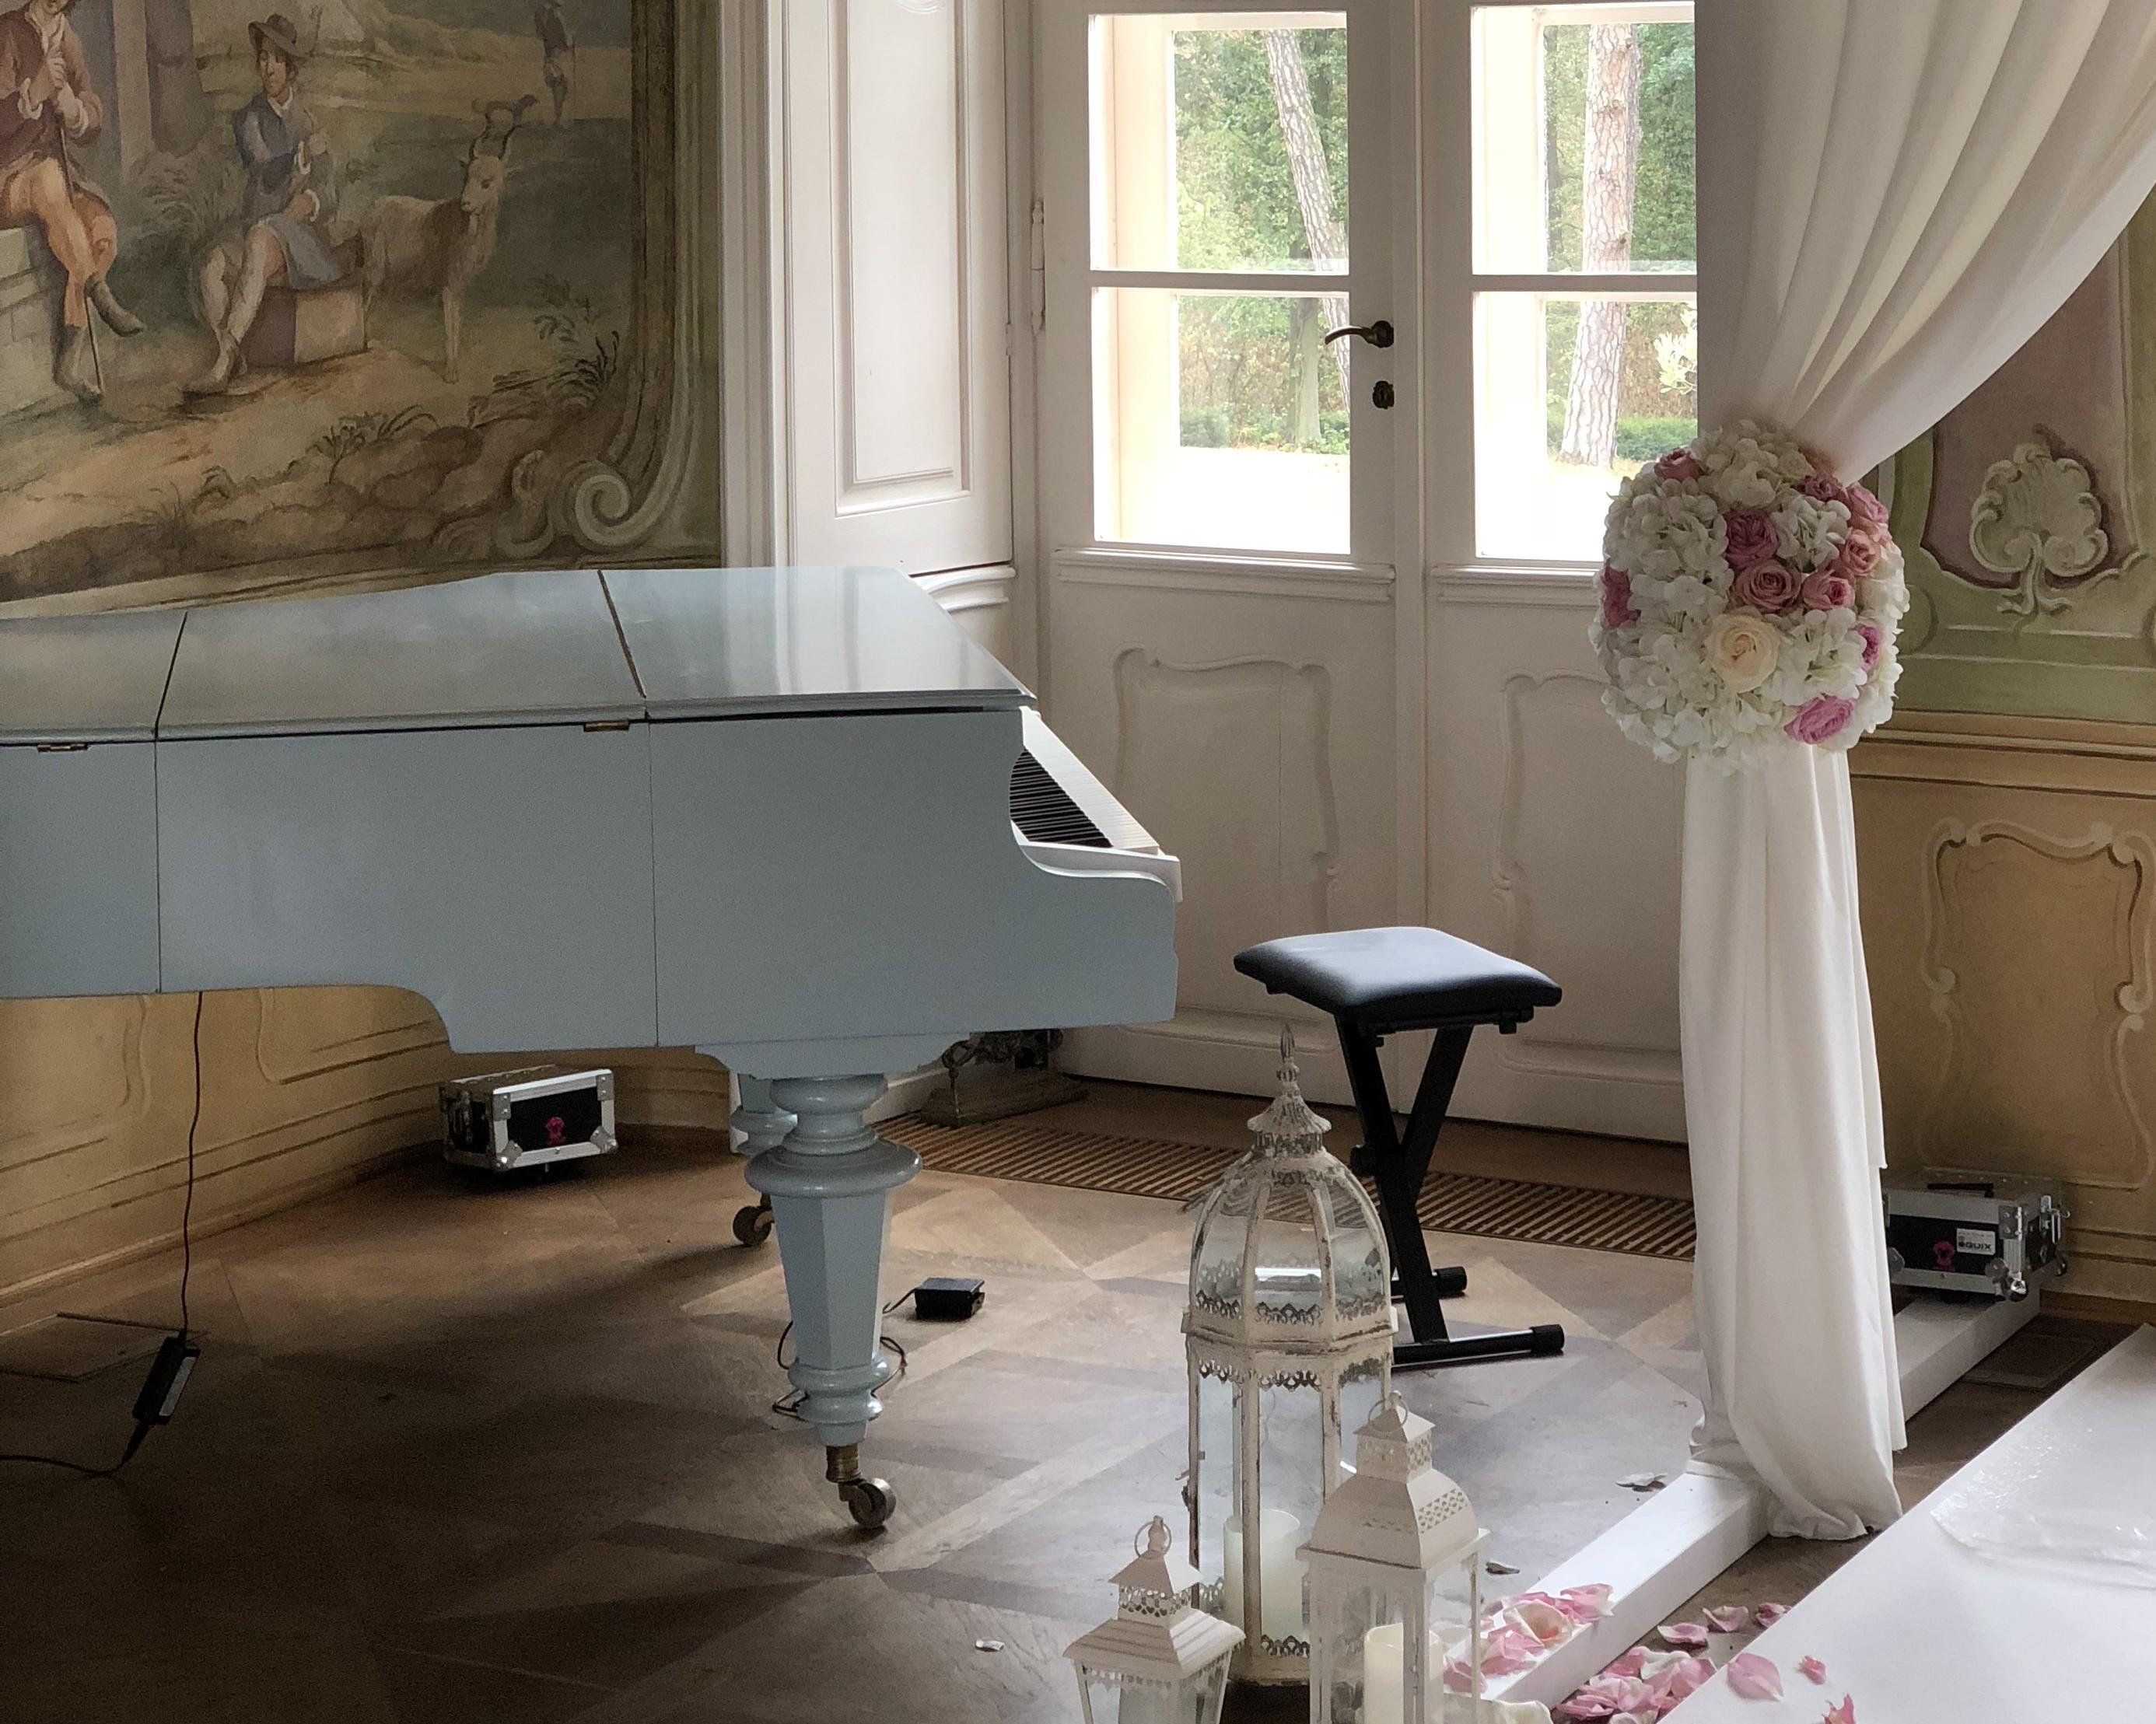 PianoShell image